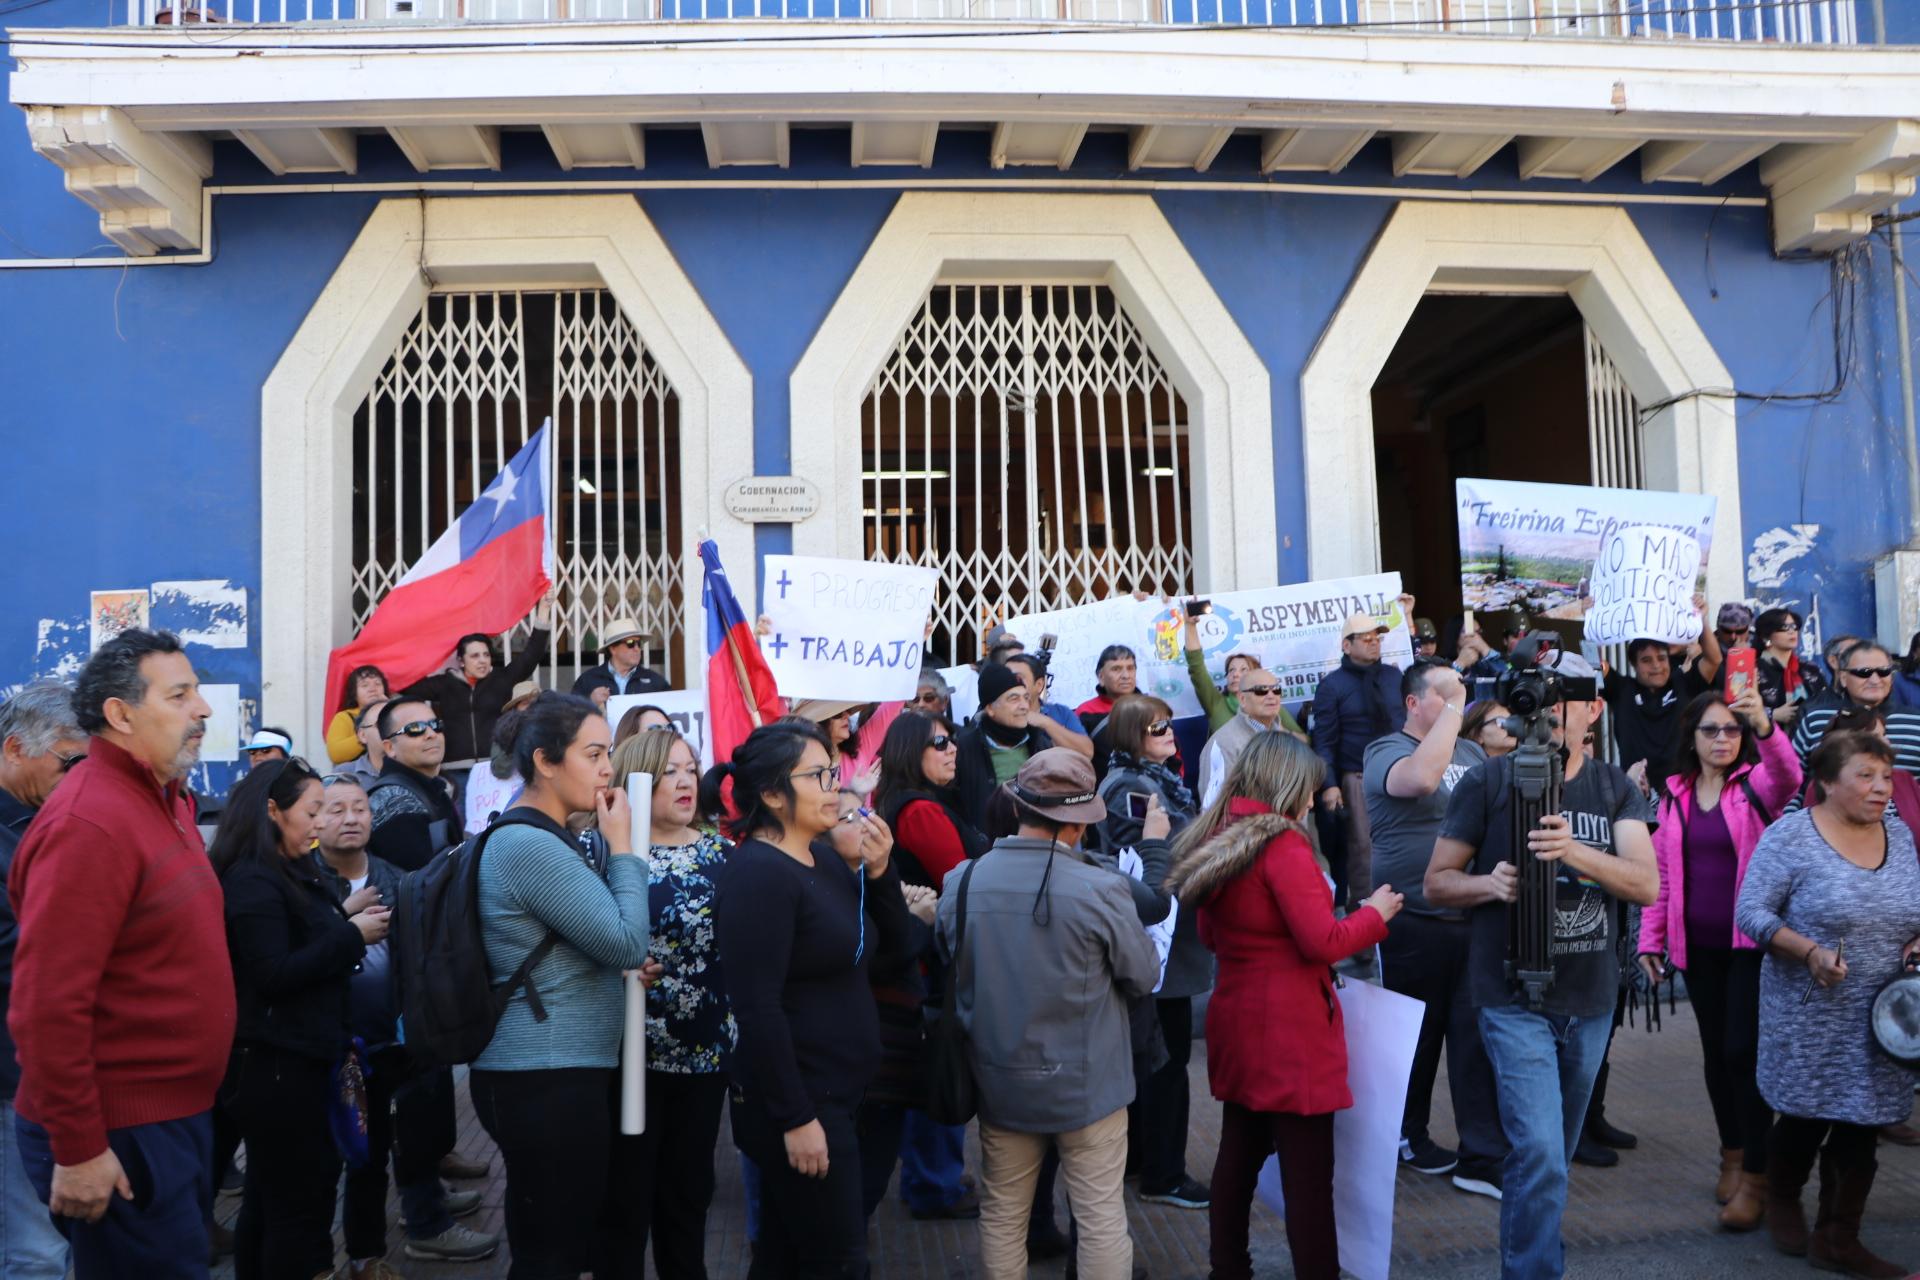 Vecinos marchan por Vallenar solicitando más progreso y desarrollo para la provincia